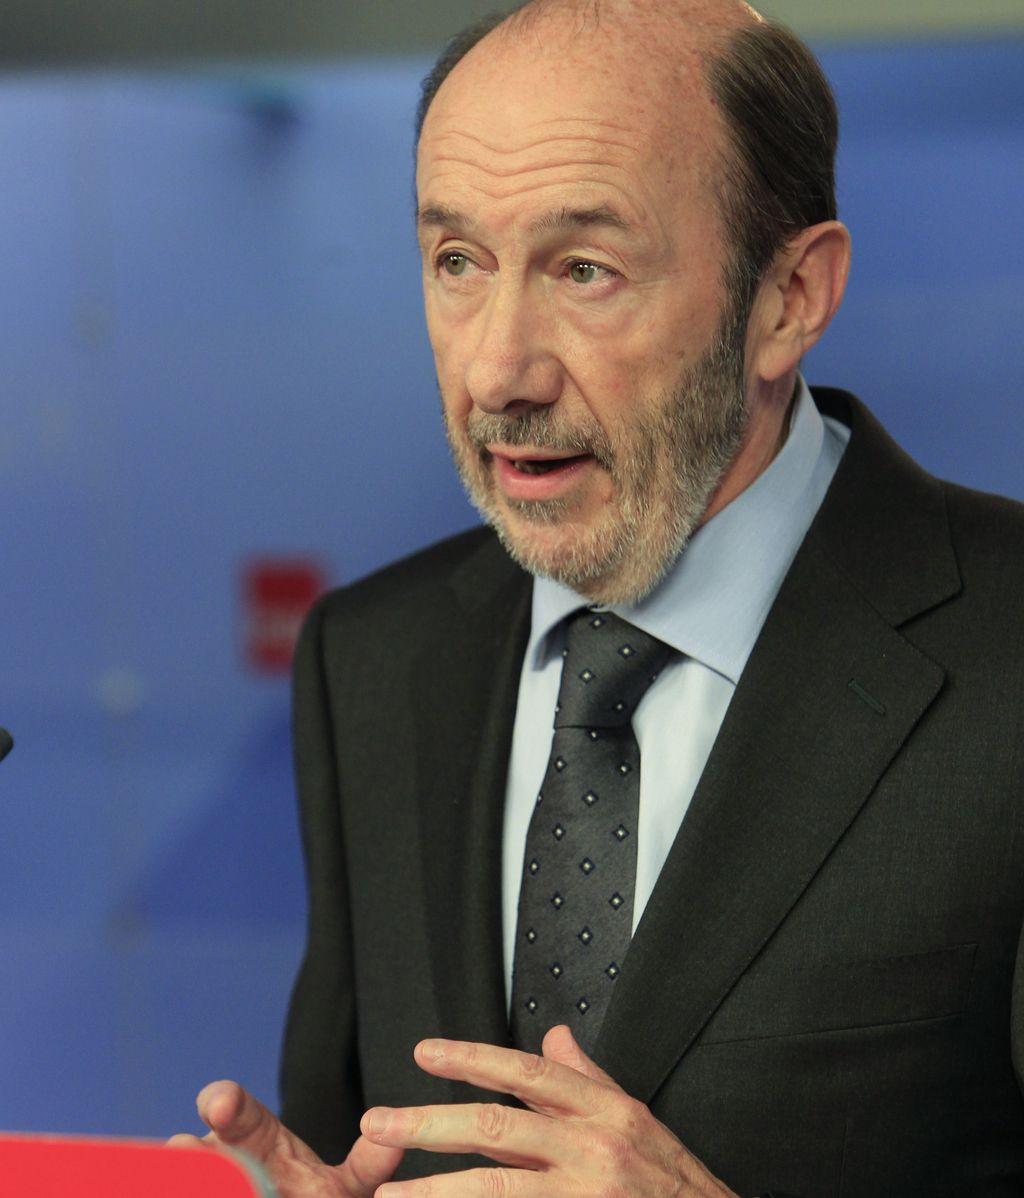 El candidato socialista a la Presidencia del Gobierno, Alfredo Pérez Rubalcaba, durante la rueda de prensa que ofreció en Madrid